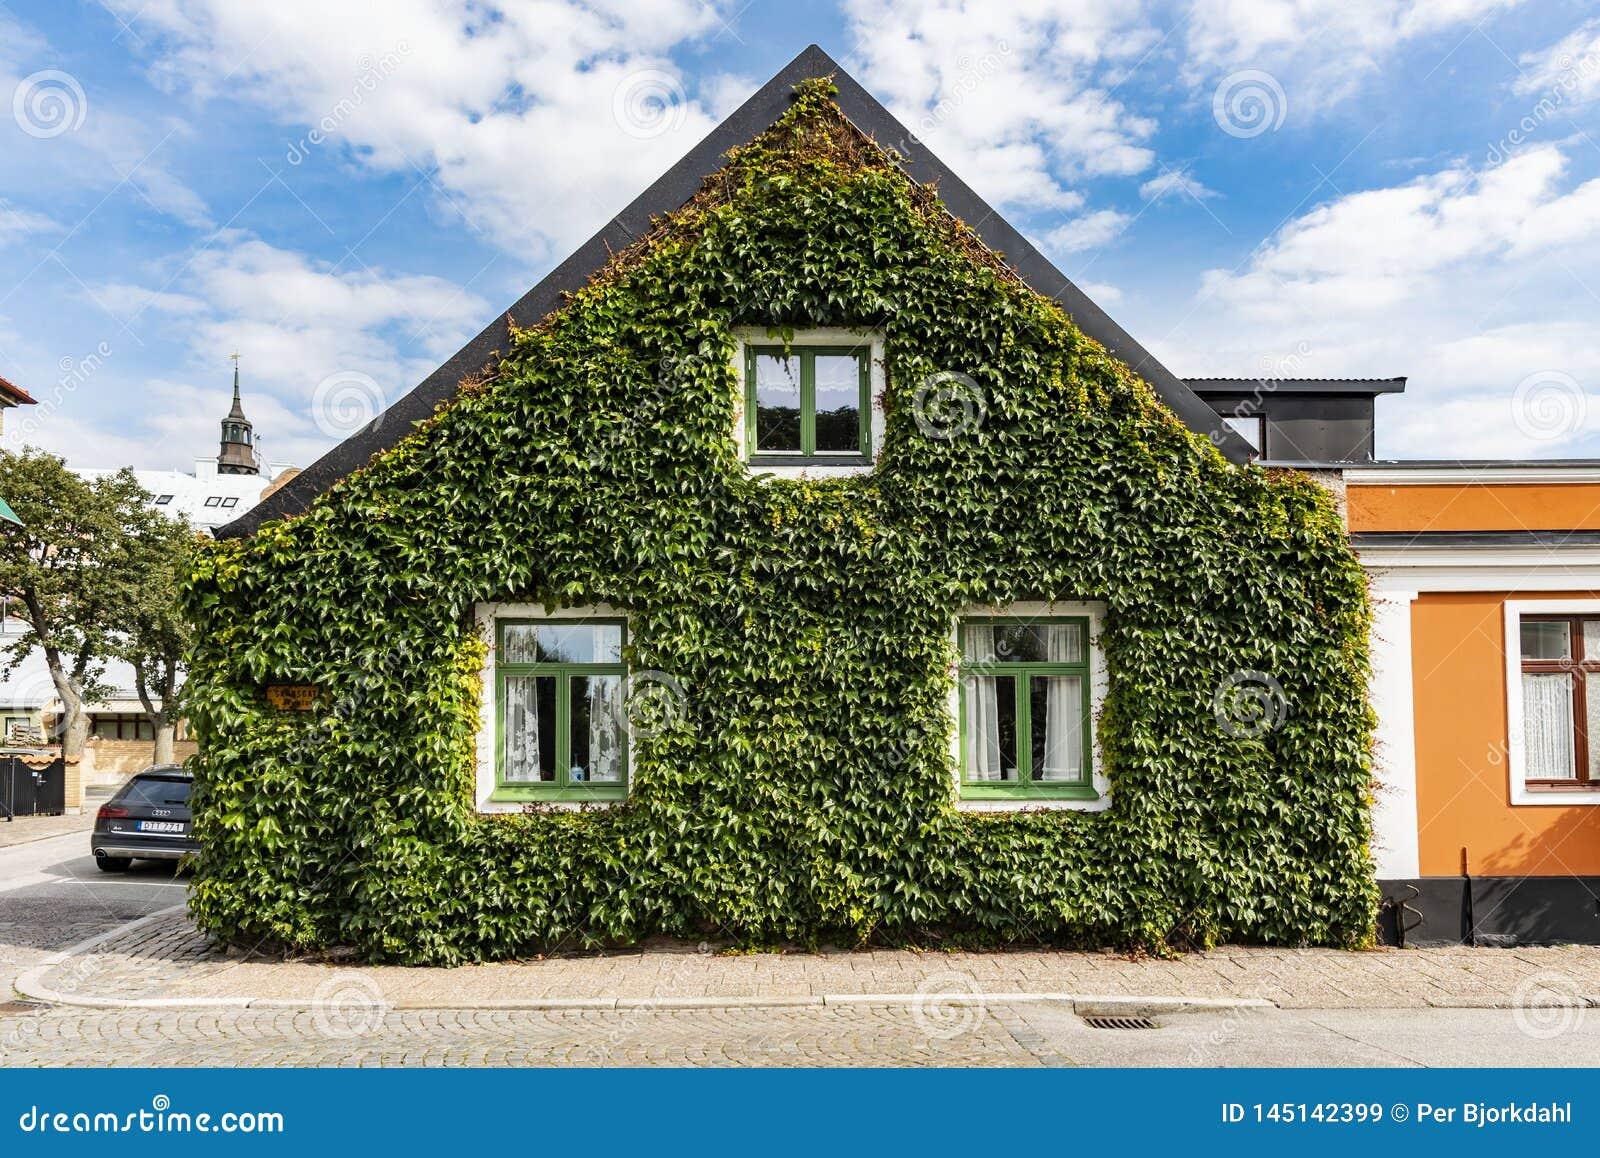 英国常春藤覆盖物房子山墙于斯塔德瑞典